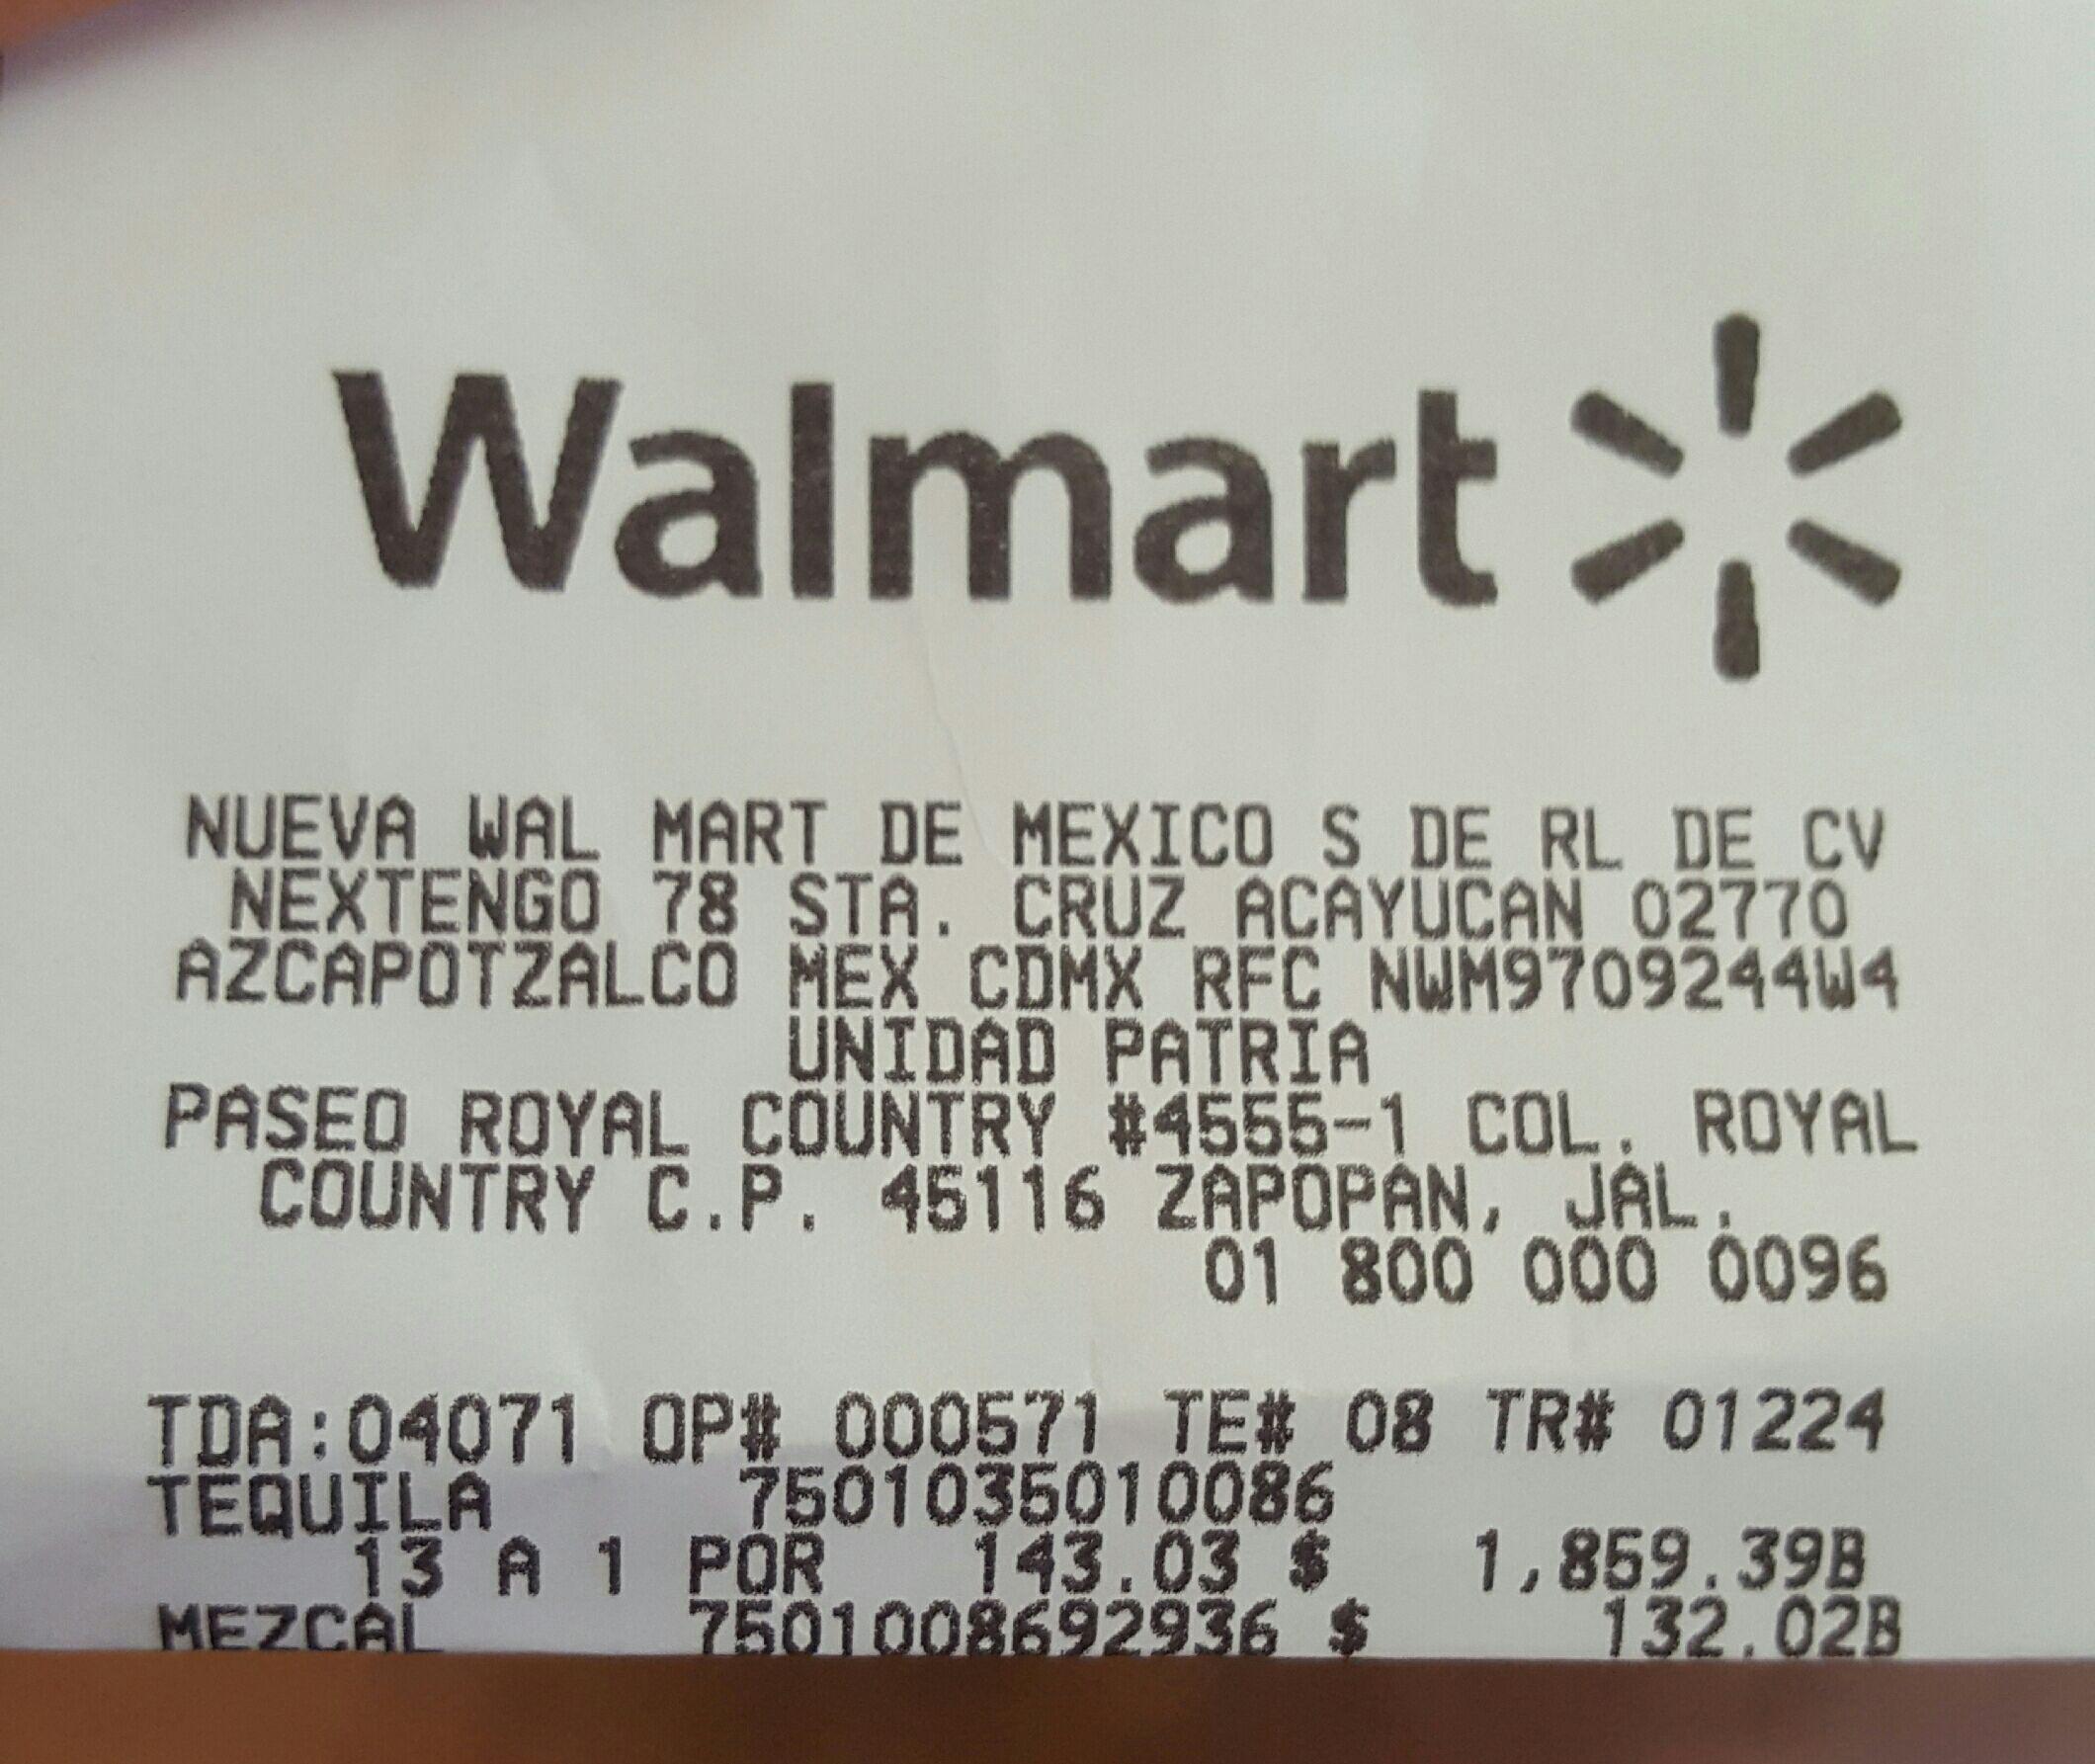 Walmart Andares, Tequila José Cuervo Especial 1.75l en liquidación a $143.03 y más